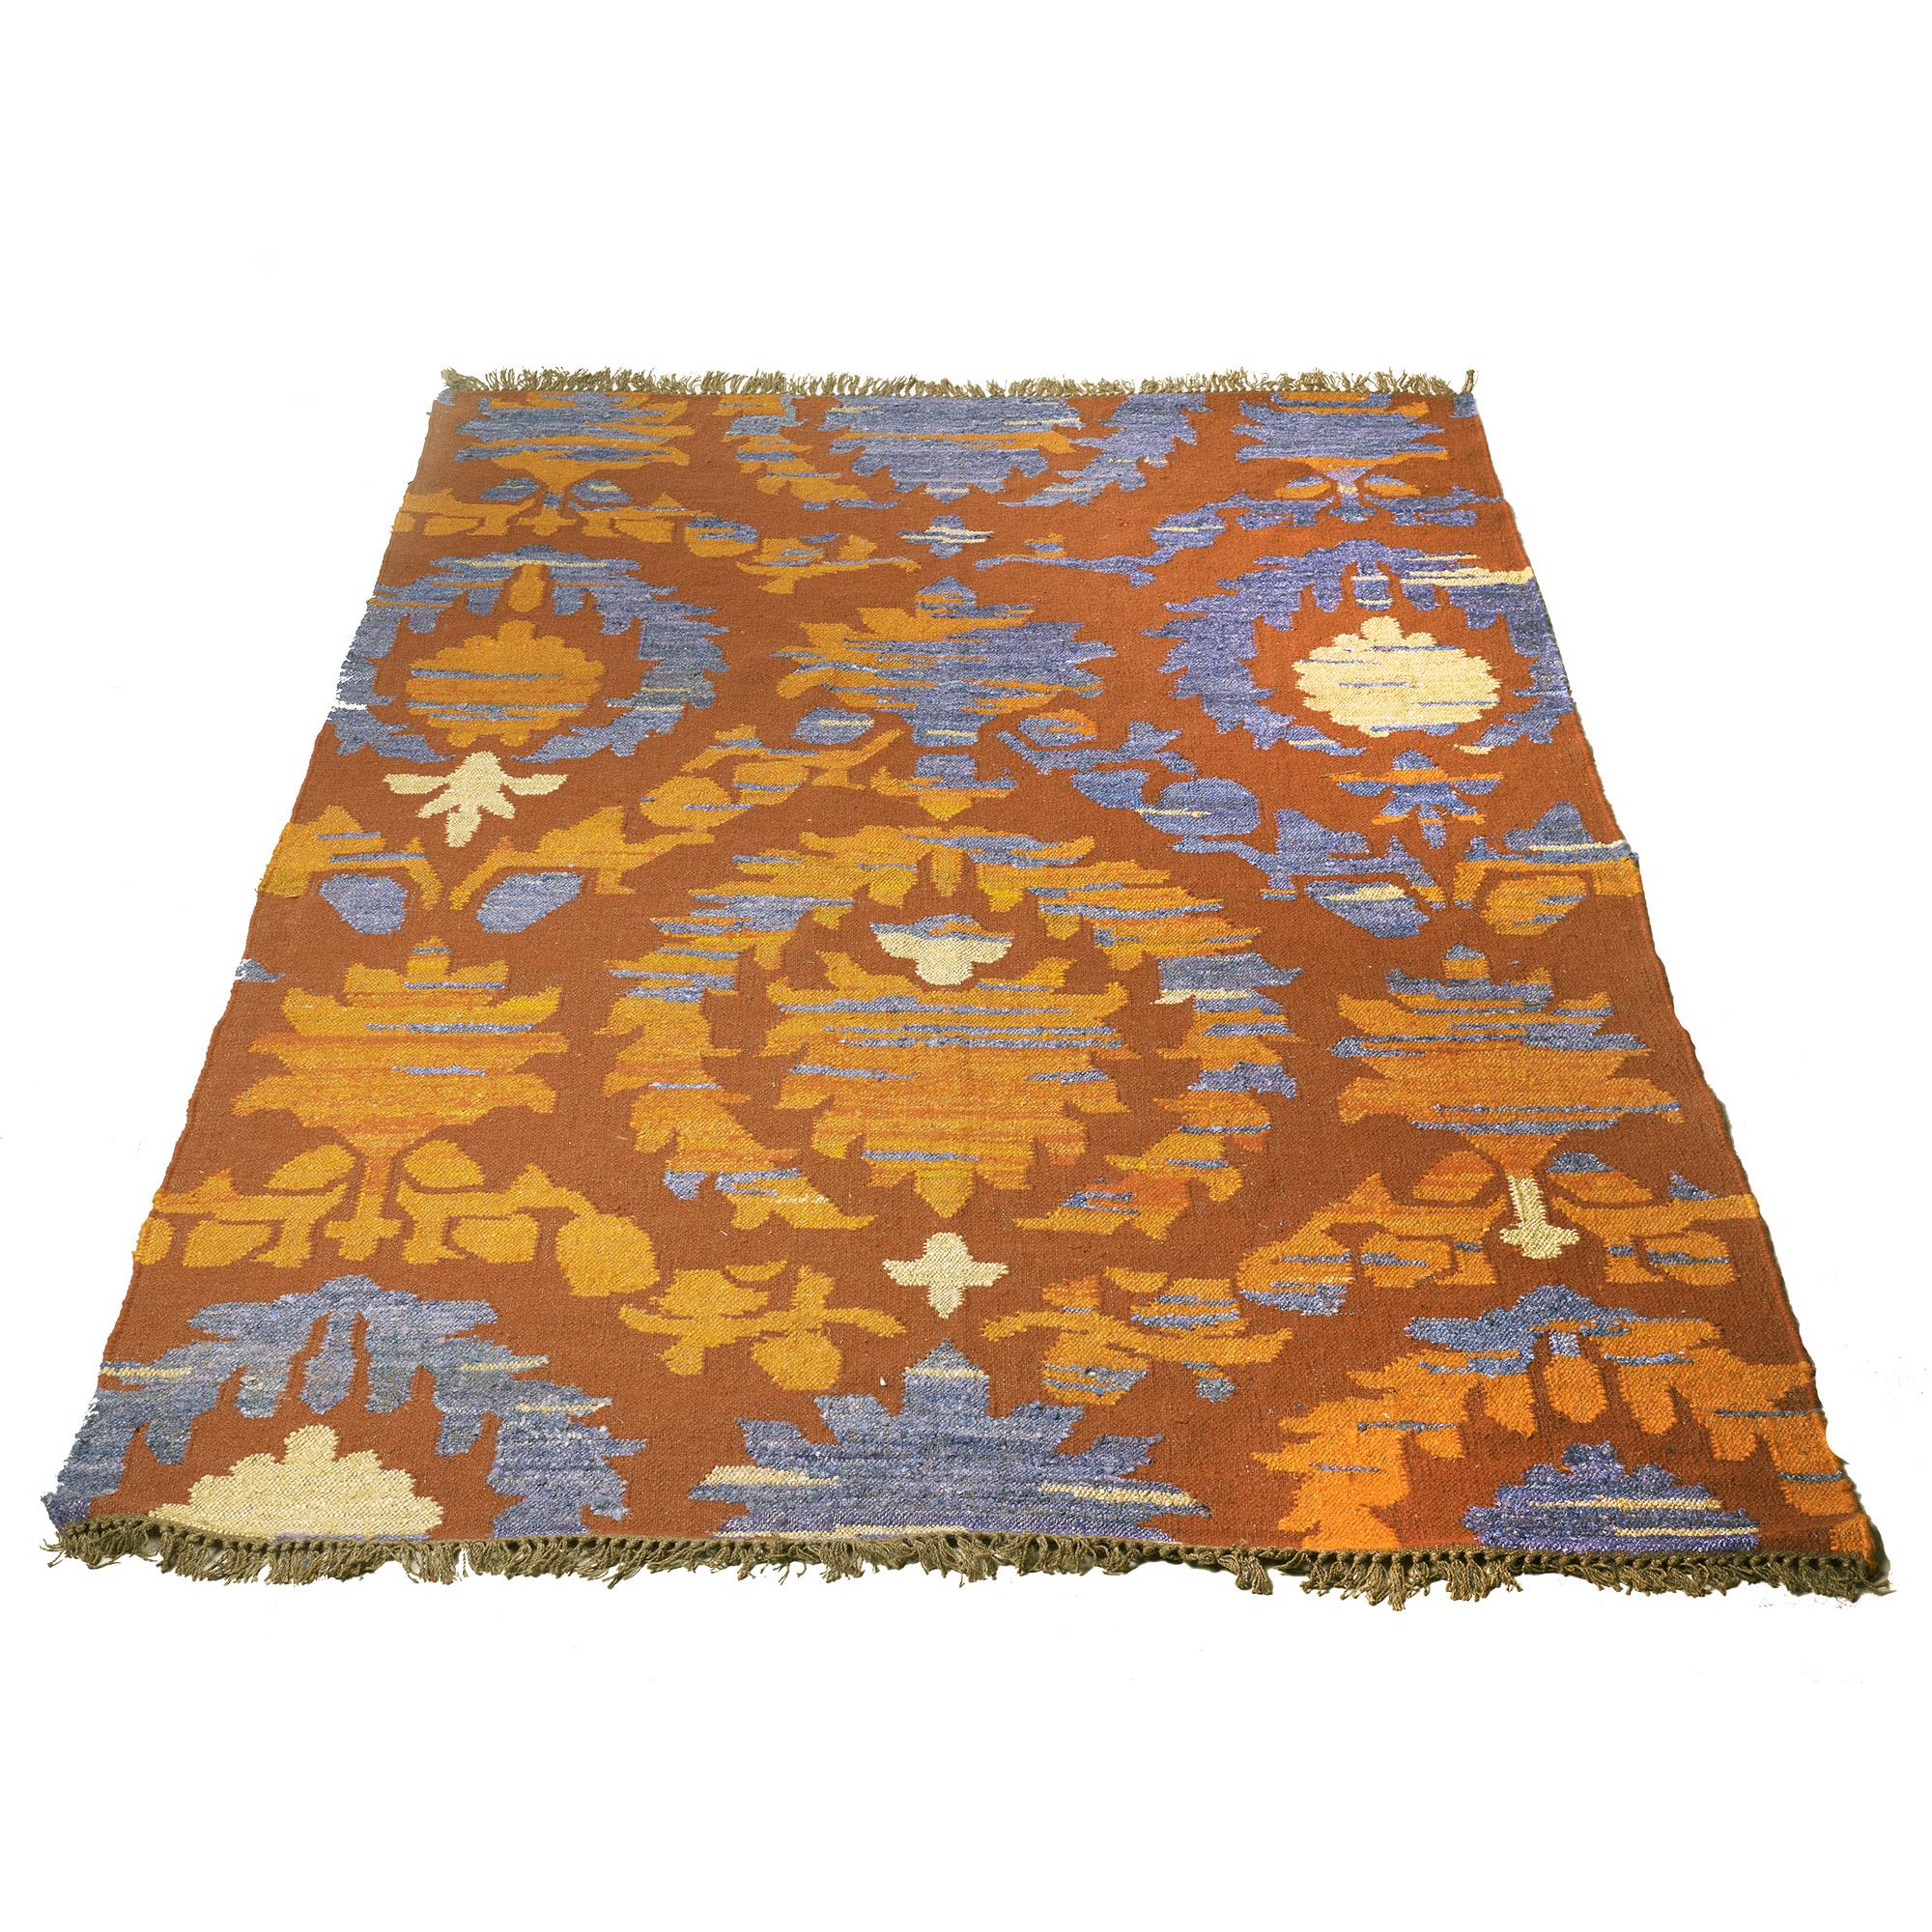 Alfombra de lana y seda, azul, rojo, naranja, y violeta 1.80 x 2.50 m